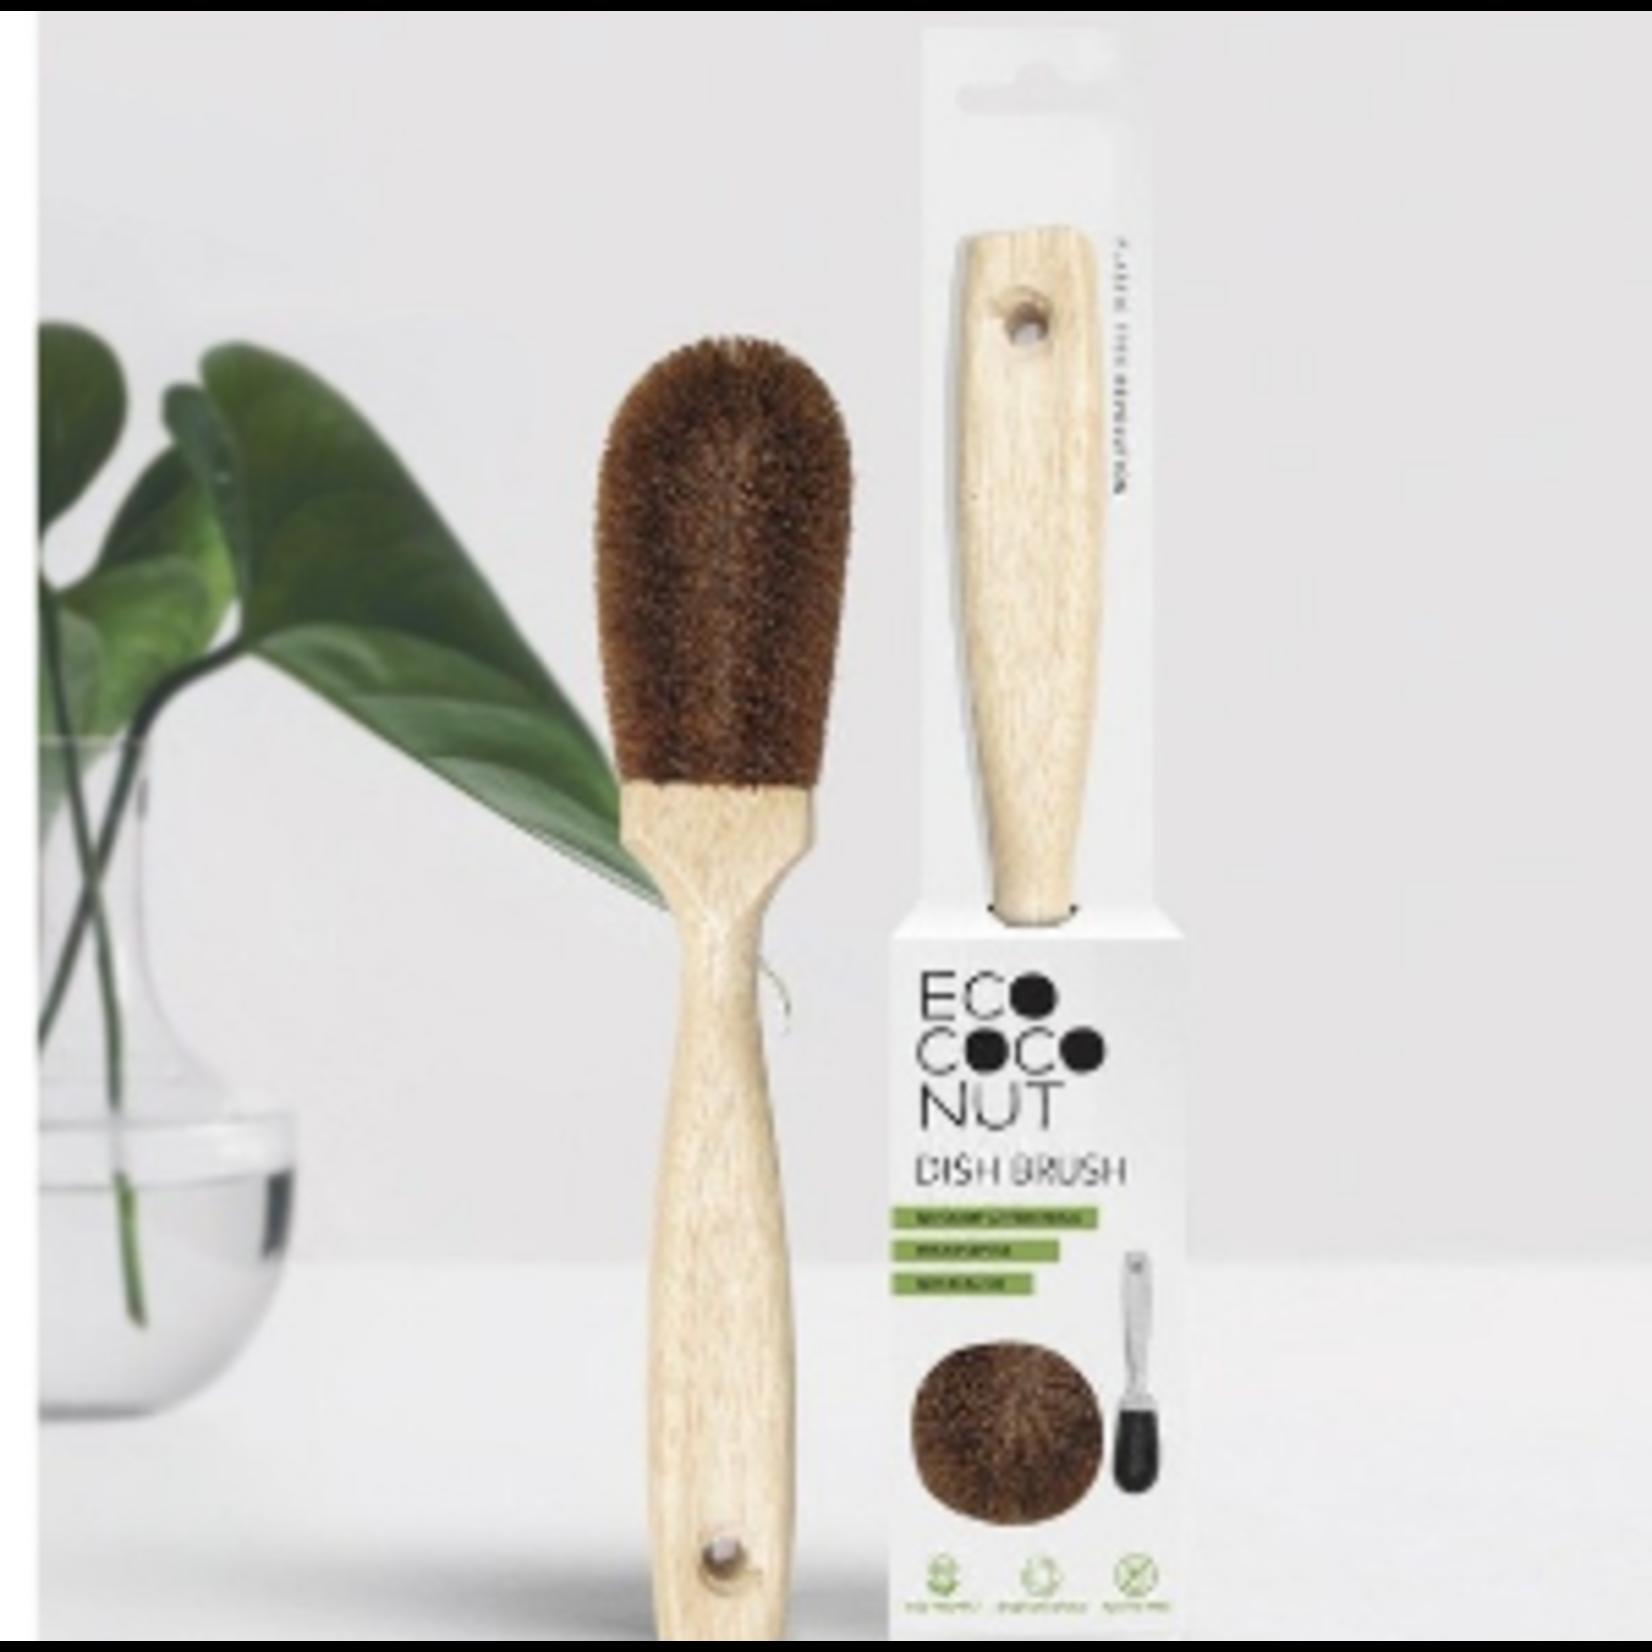 EcoCoconut EcoCoconut Dish Brush